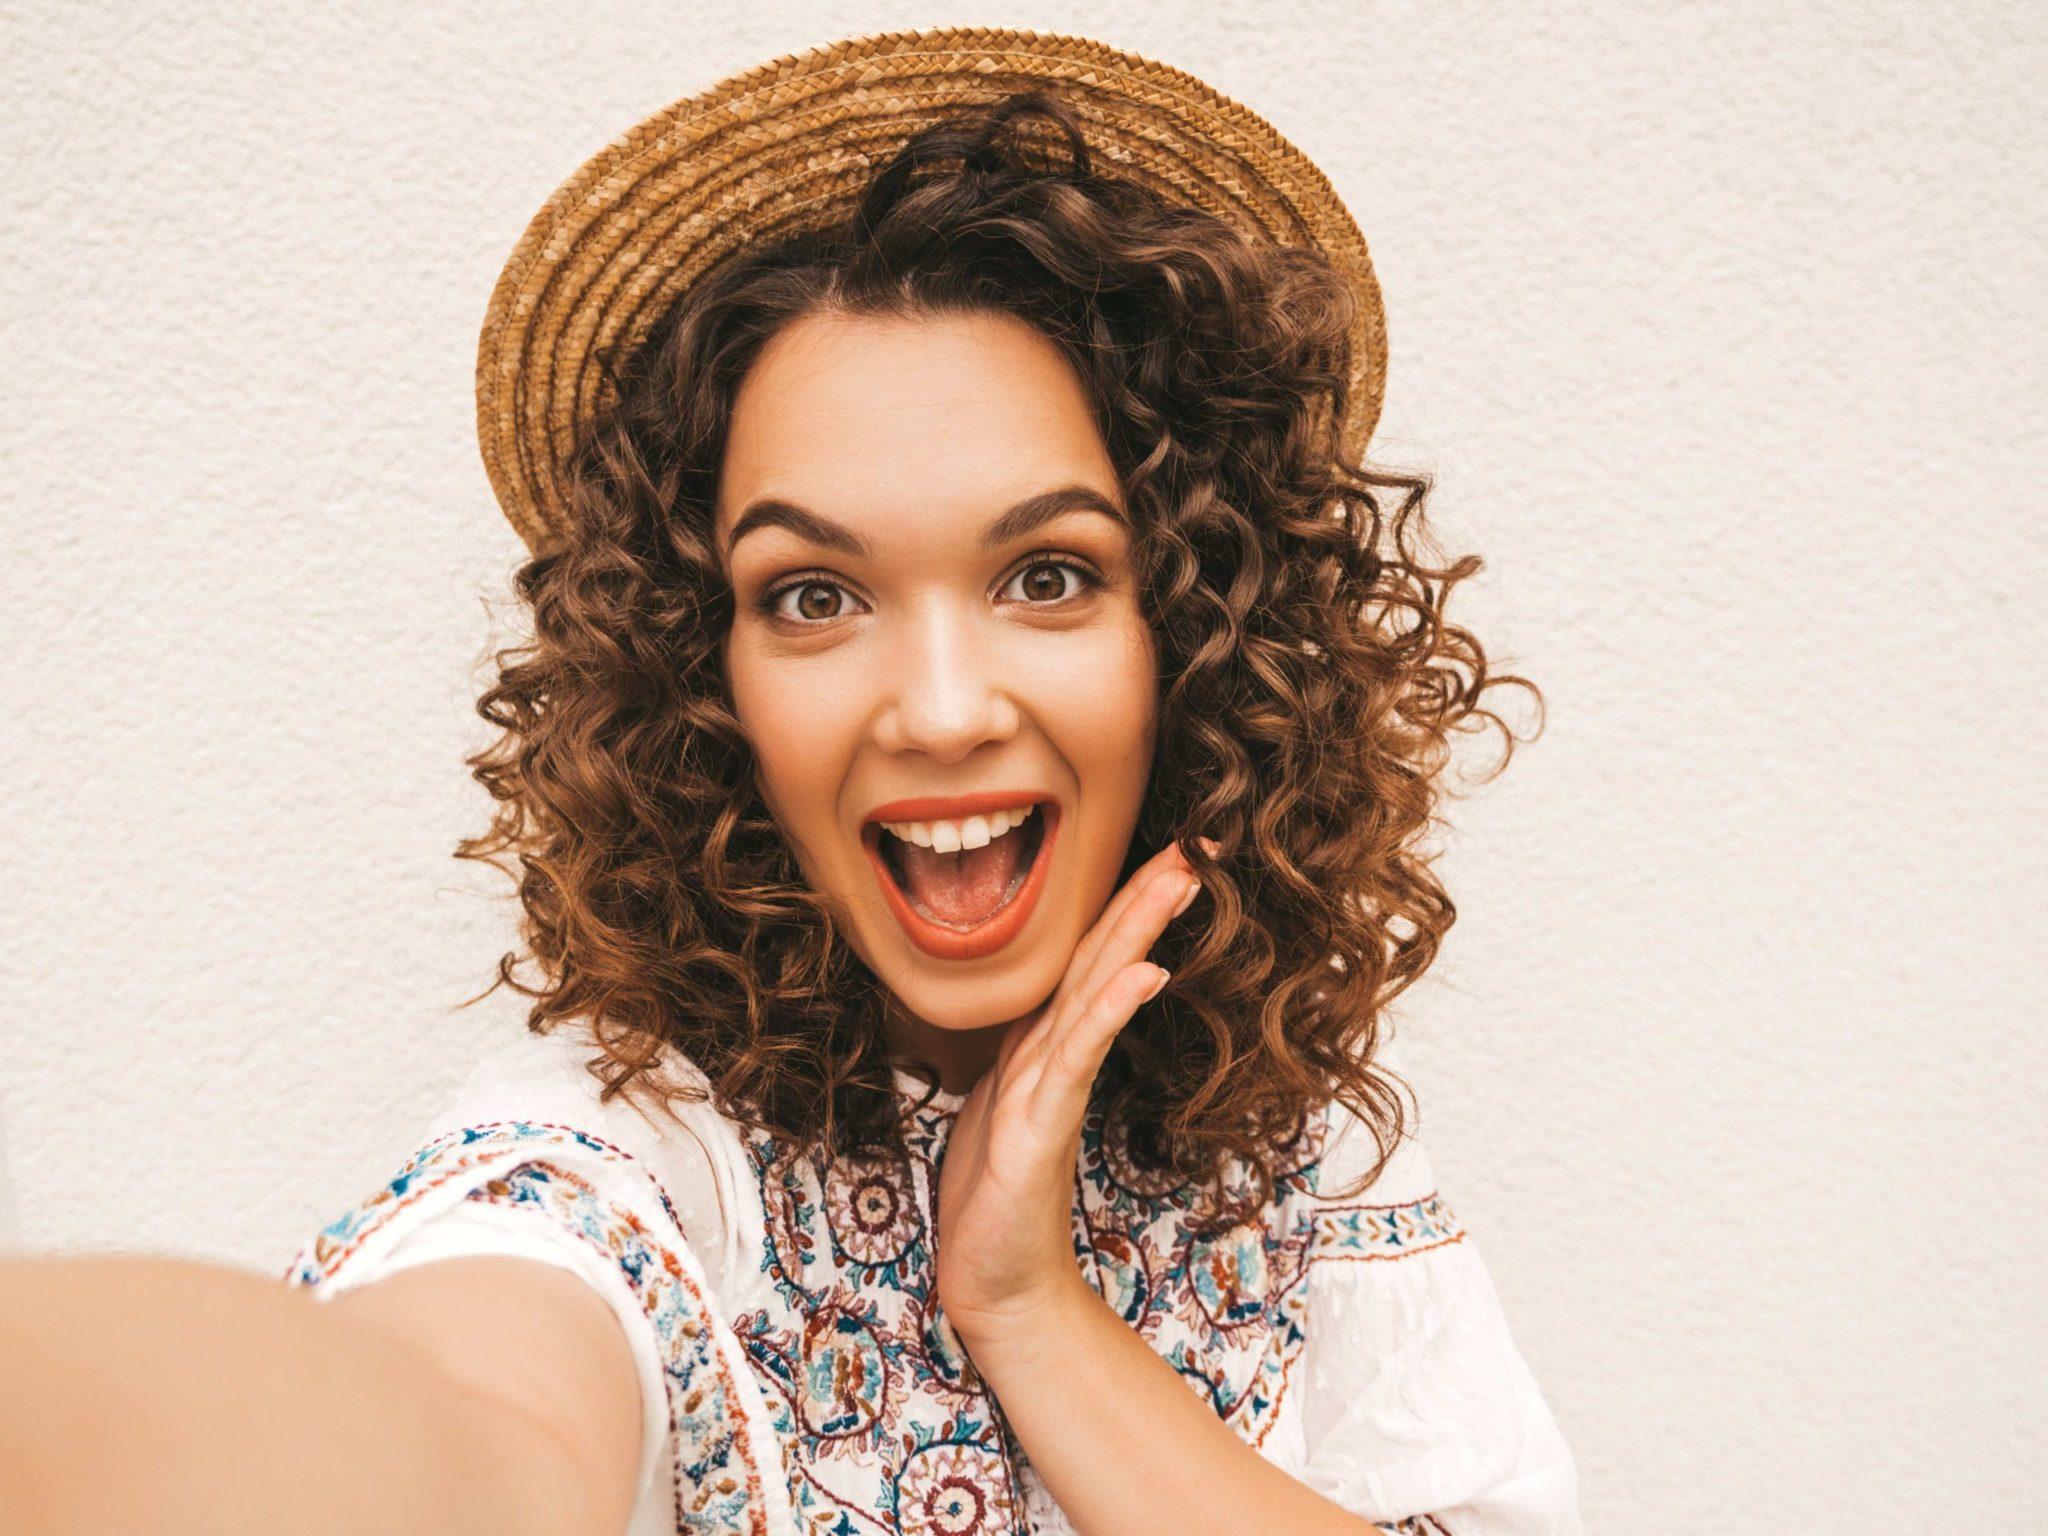 Cheveux doux et brillants avec l'huile de ricin soin anti chute de cheveux - huile de ricin atelier populaire vendue par Pranaloe boutique en ligne de cosmétiques naturels et biologiques